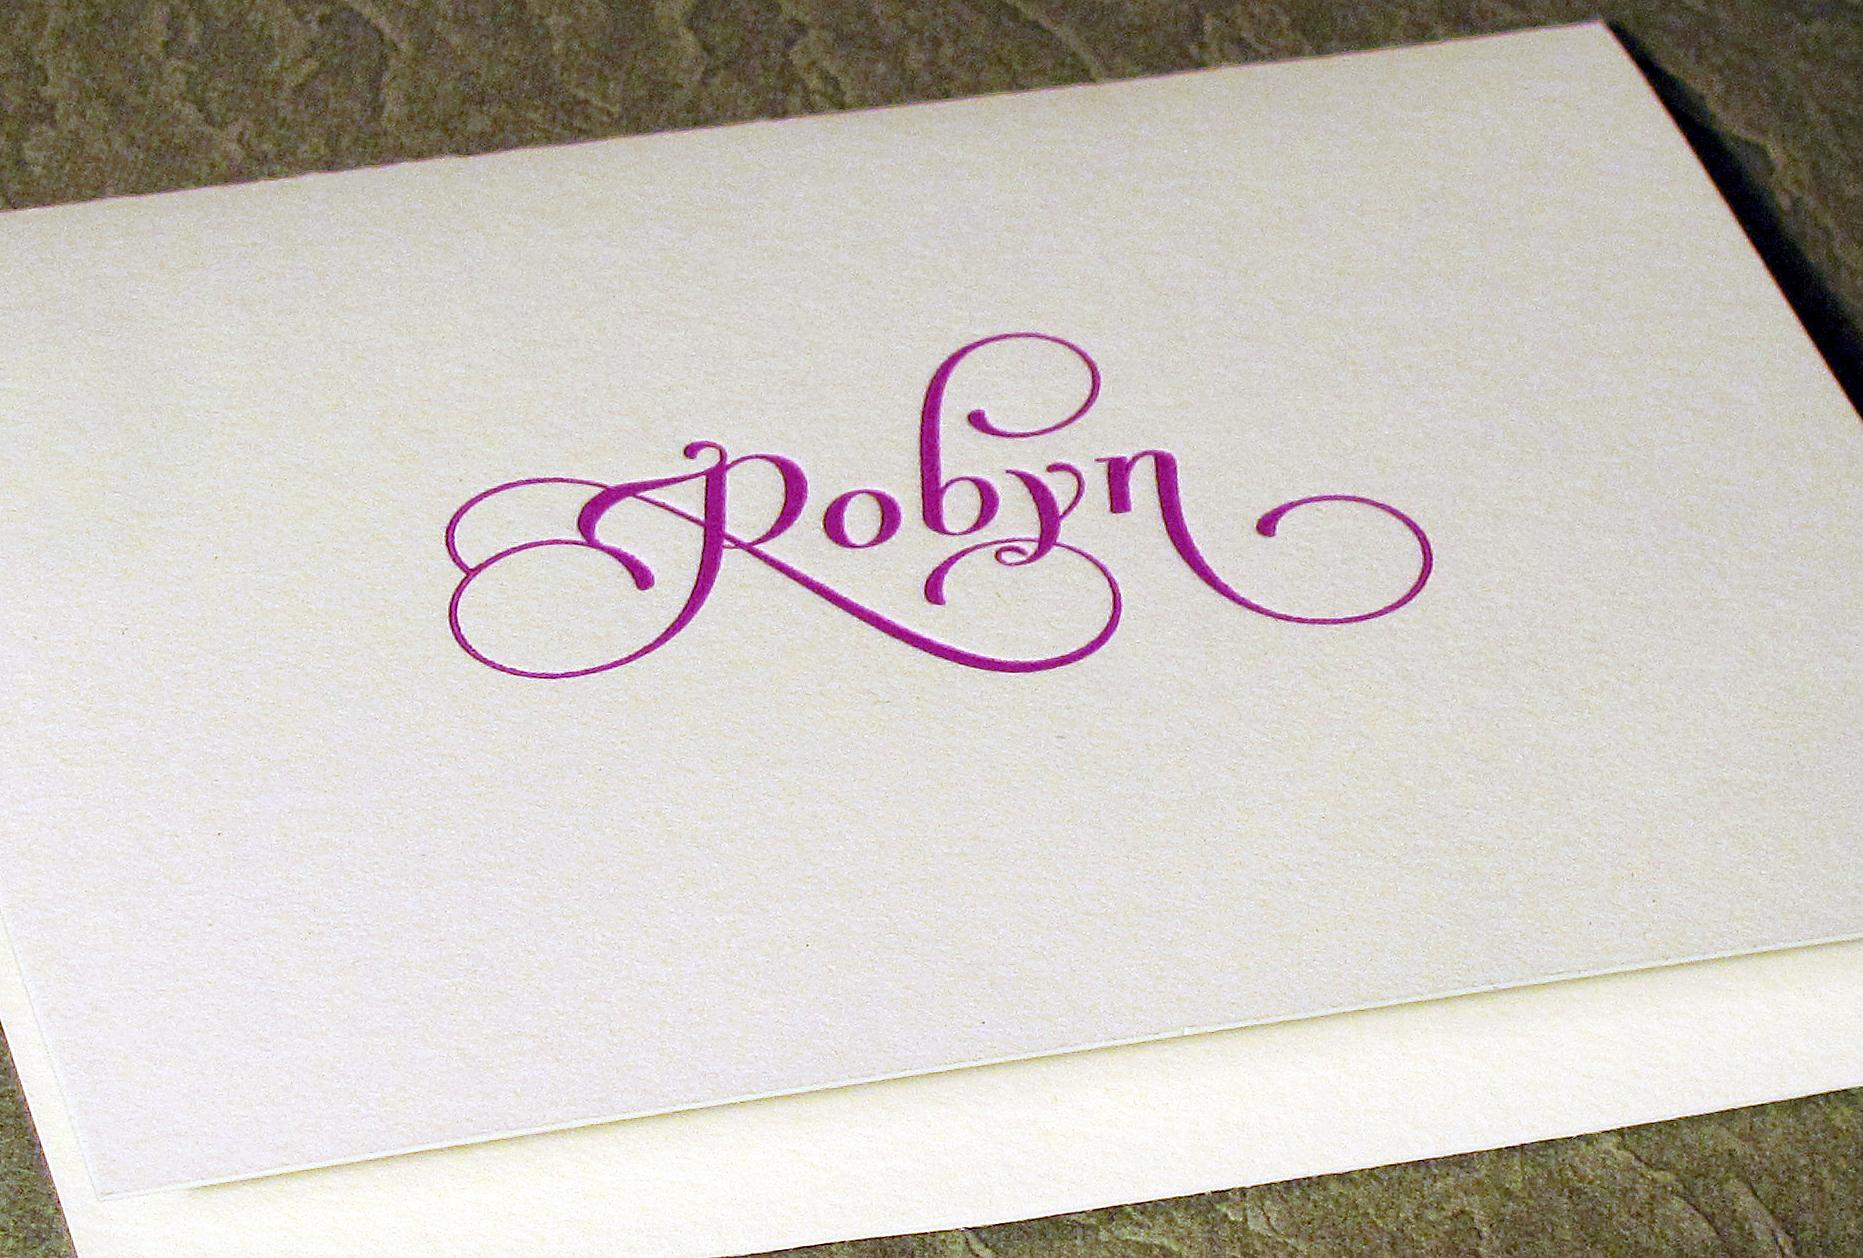 robynfoldedcard